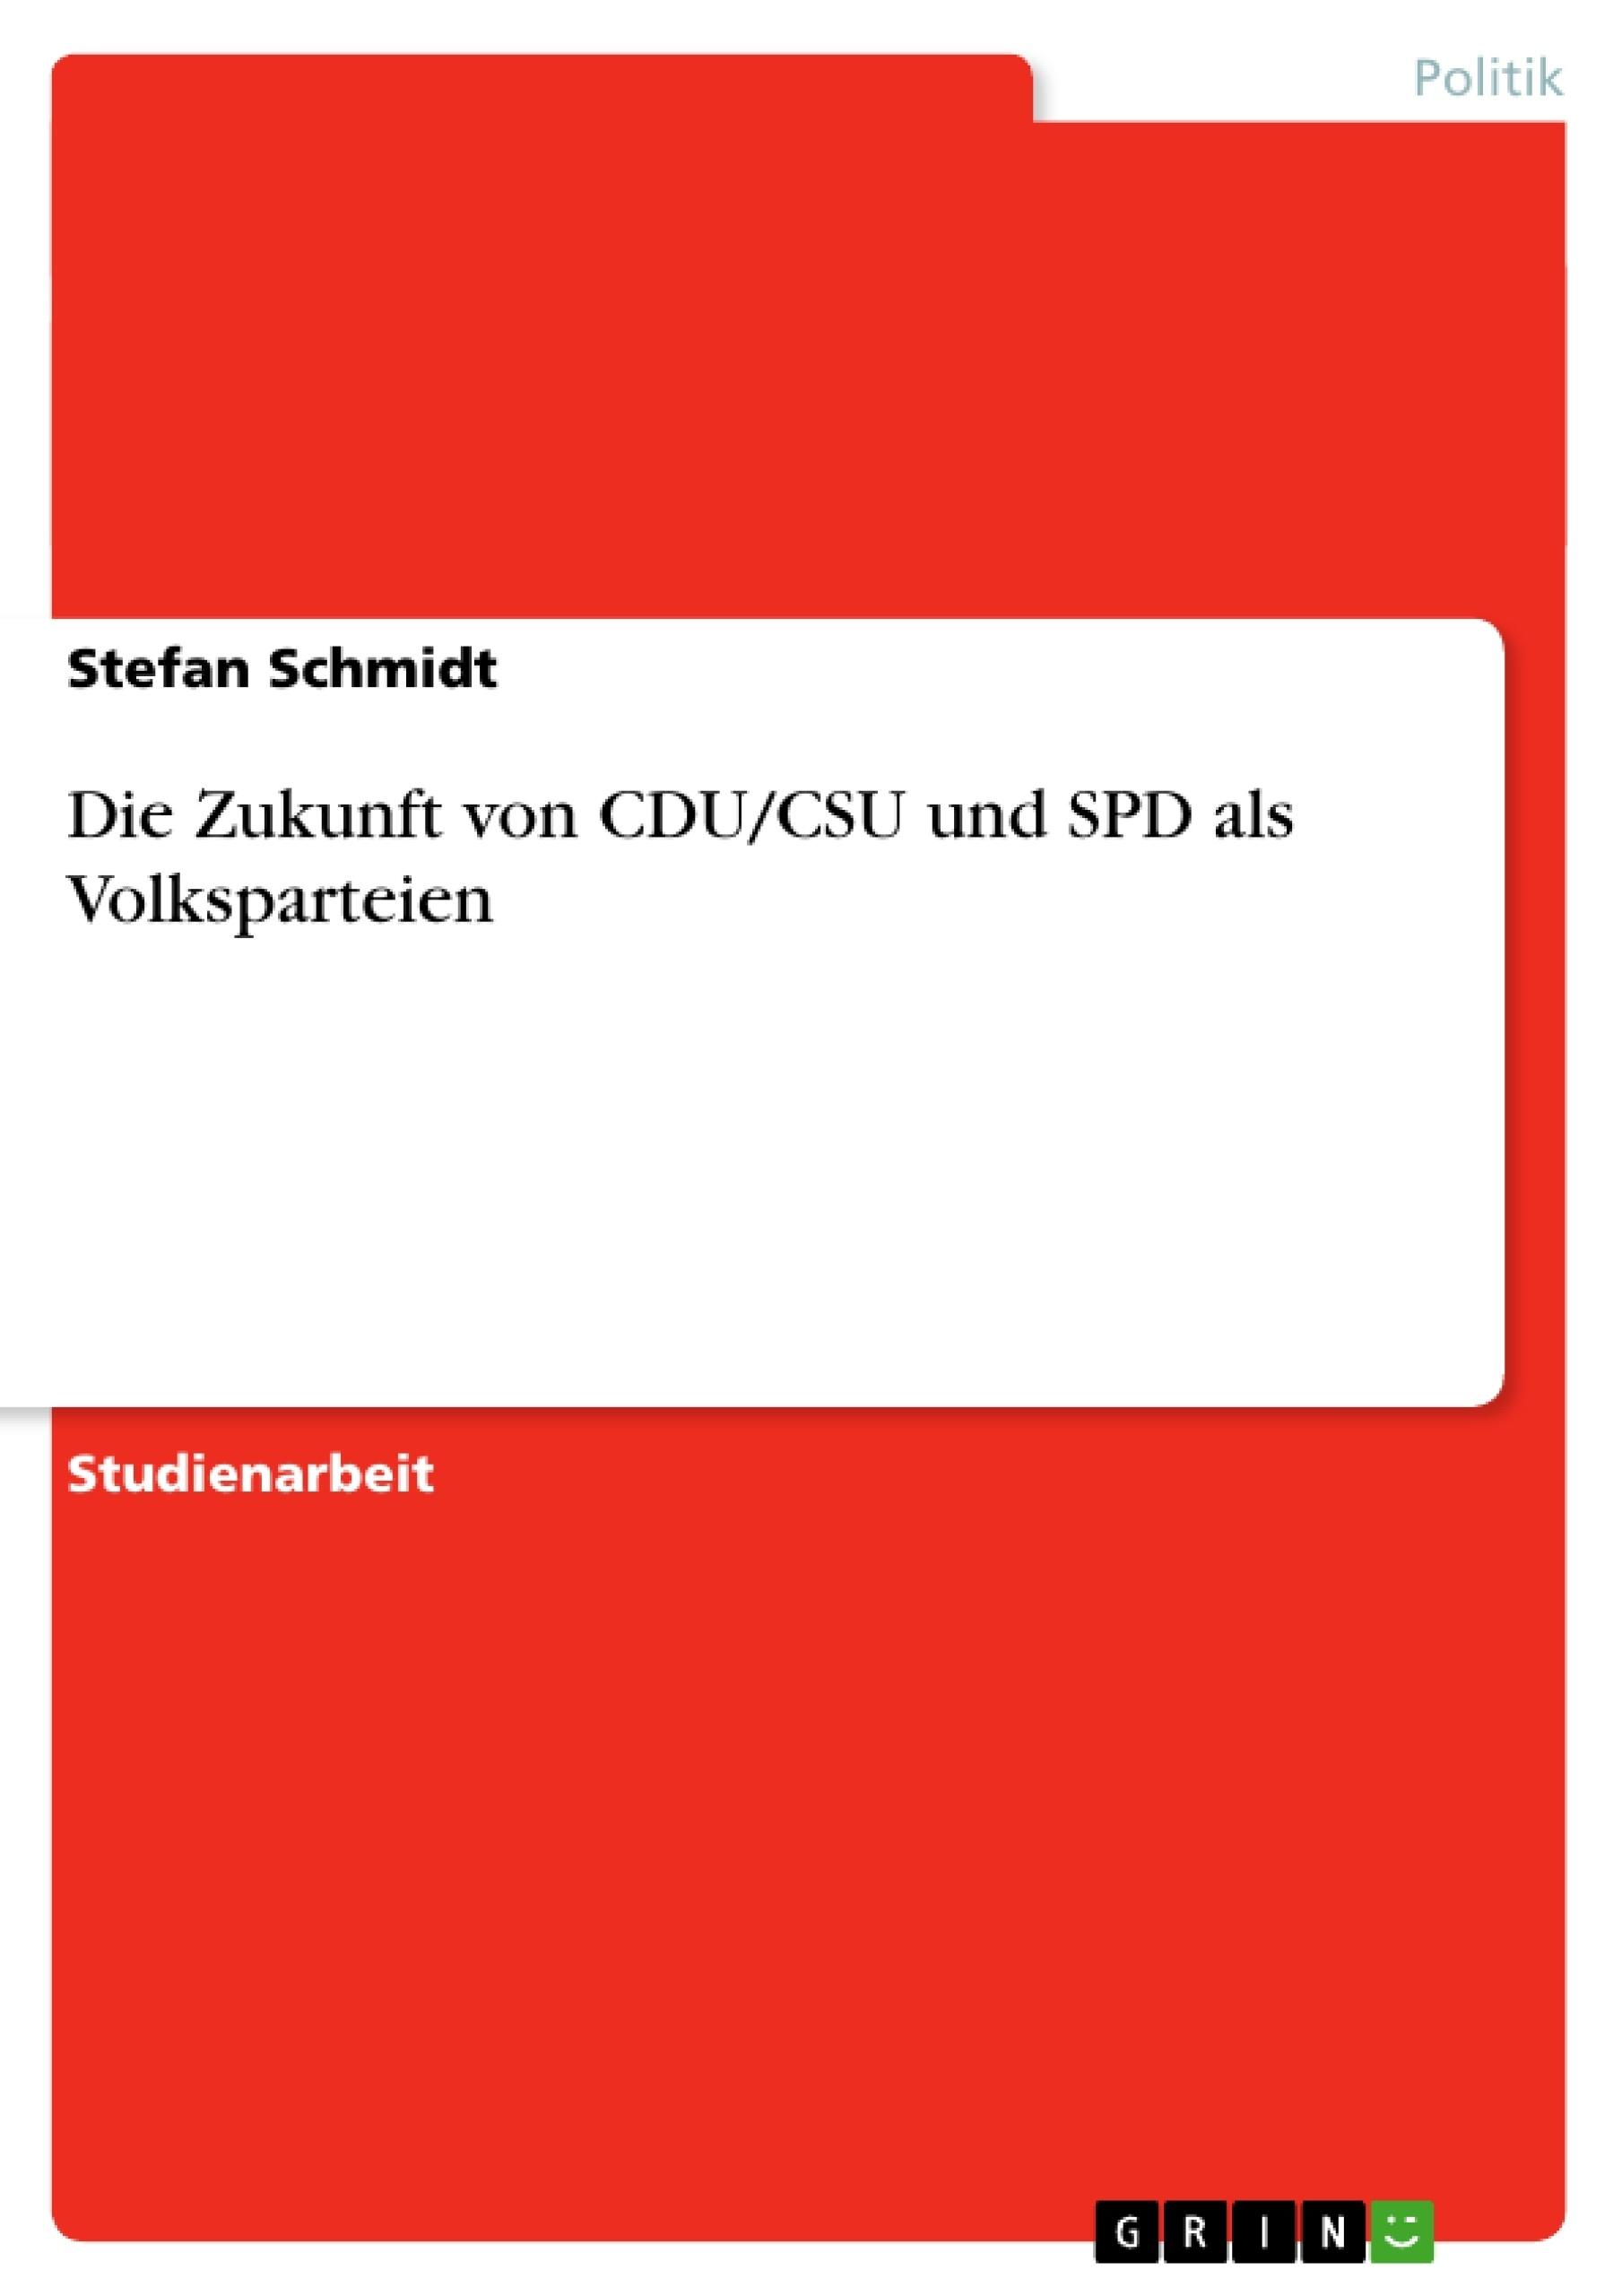 Titel: Die Zukunft von CDU/CSU und SPD als Volksparteien